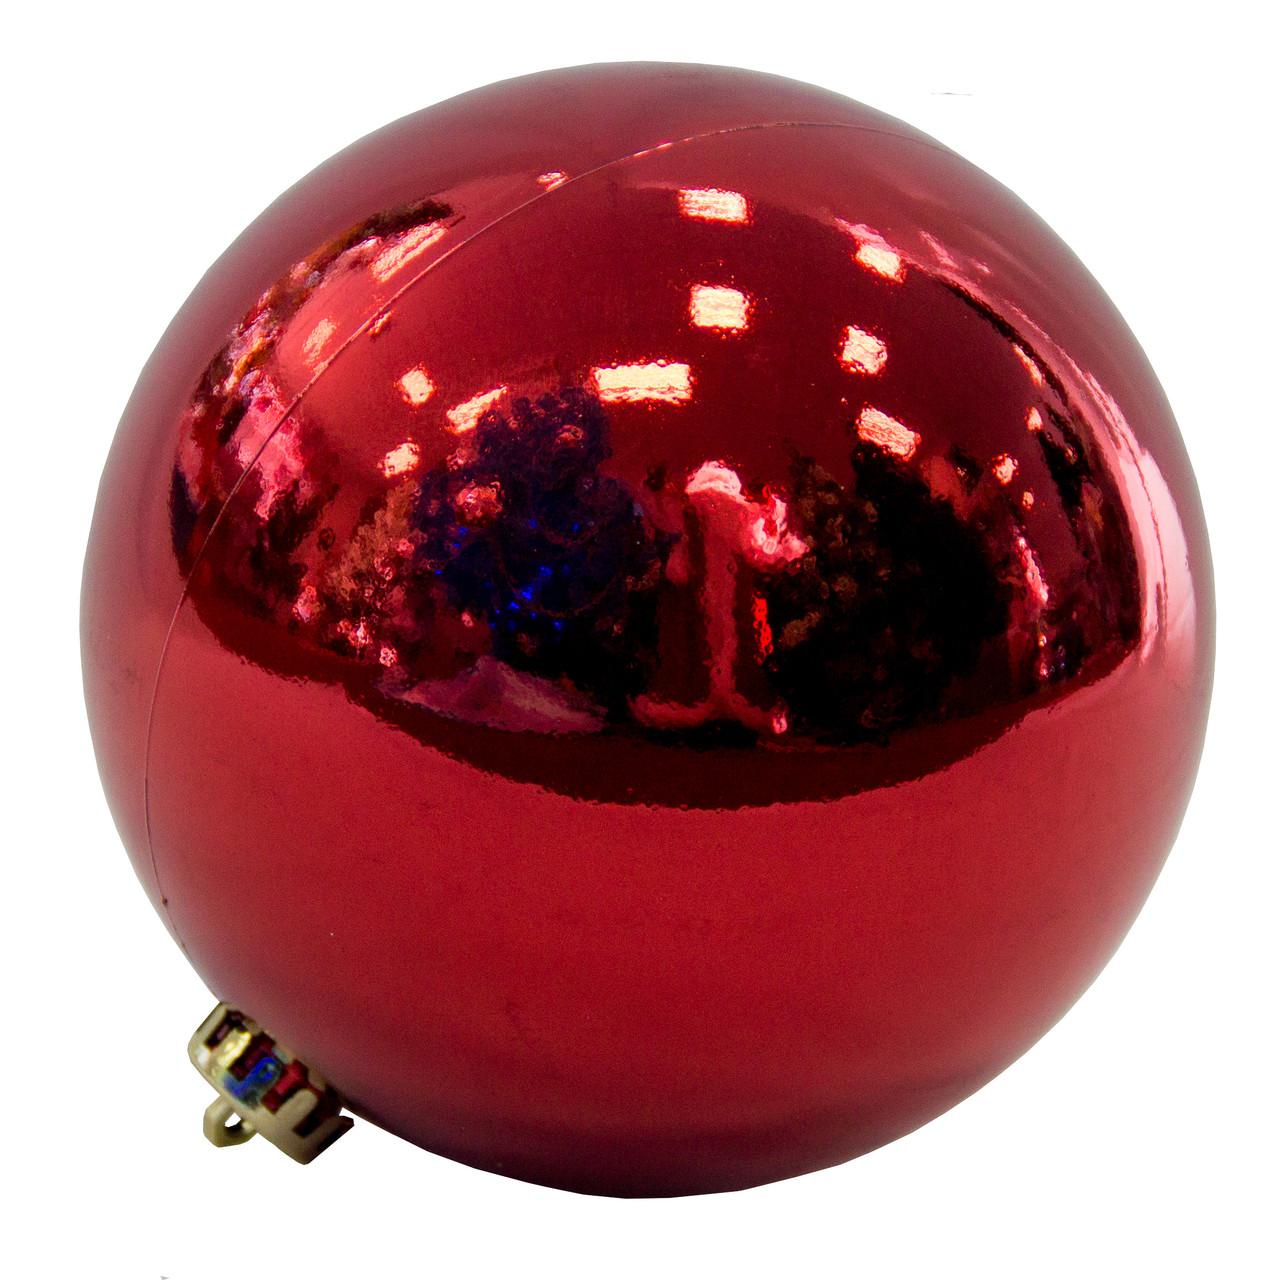 Елочная игрушка - шар, D15 см, красный, глянец, пластик (033881)